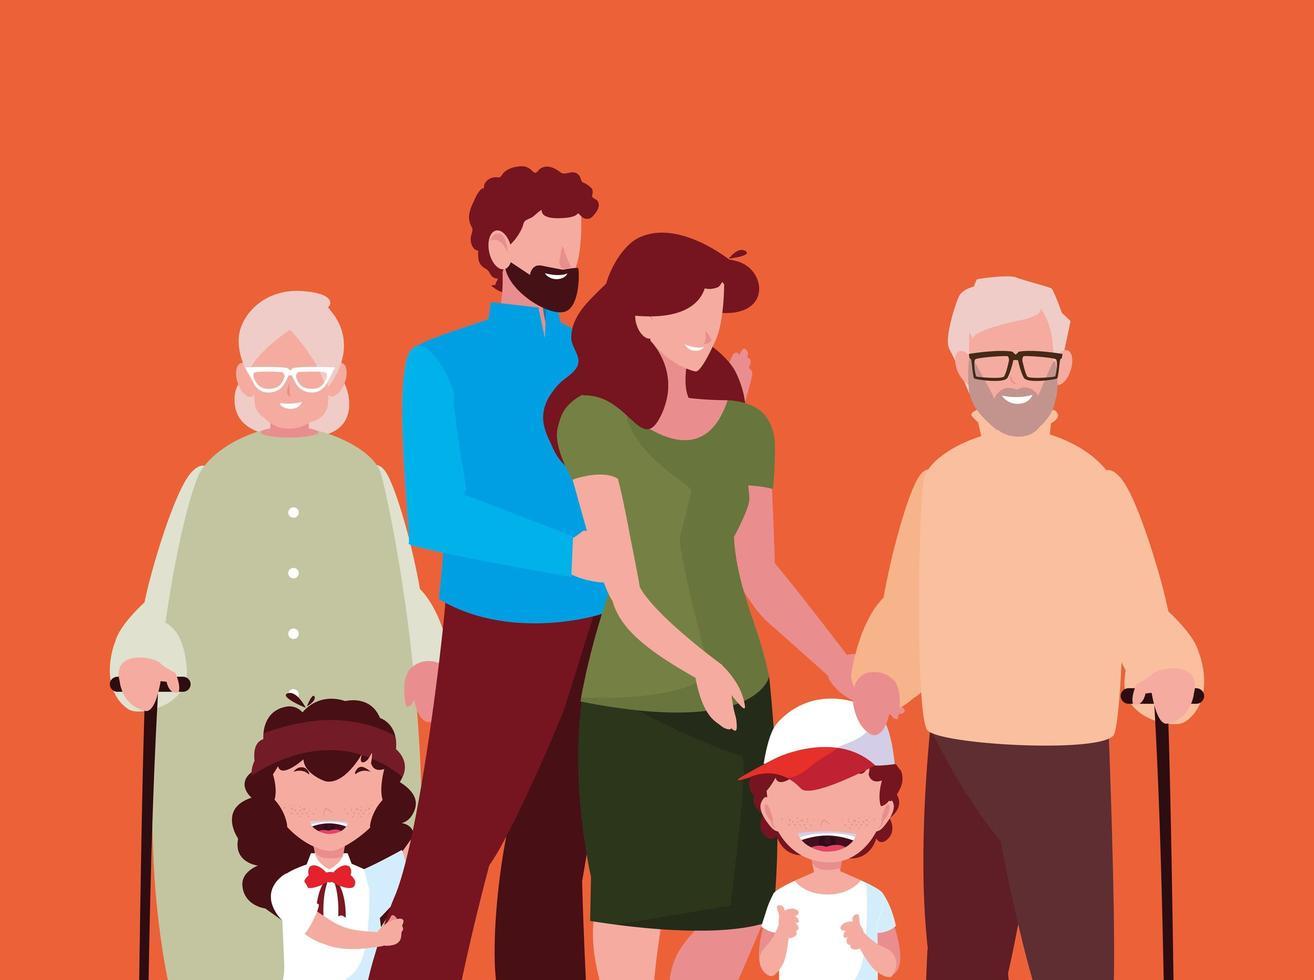 personajes de miembros de la familia vector